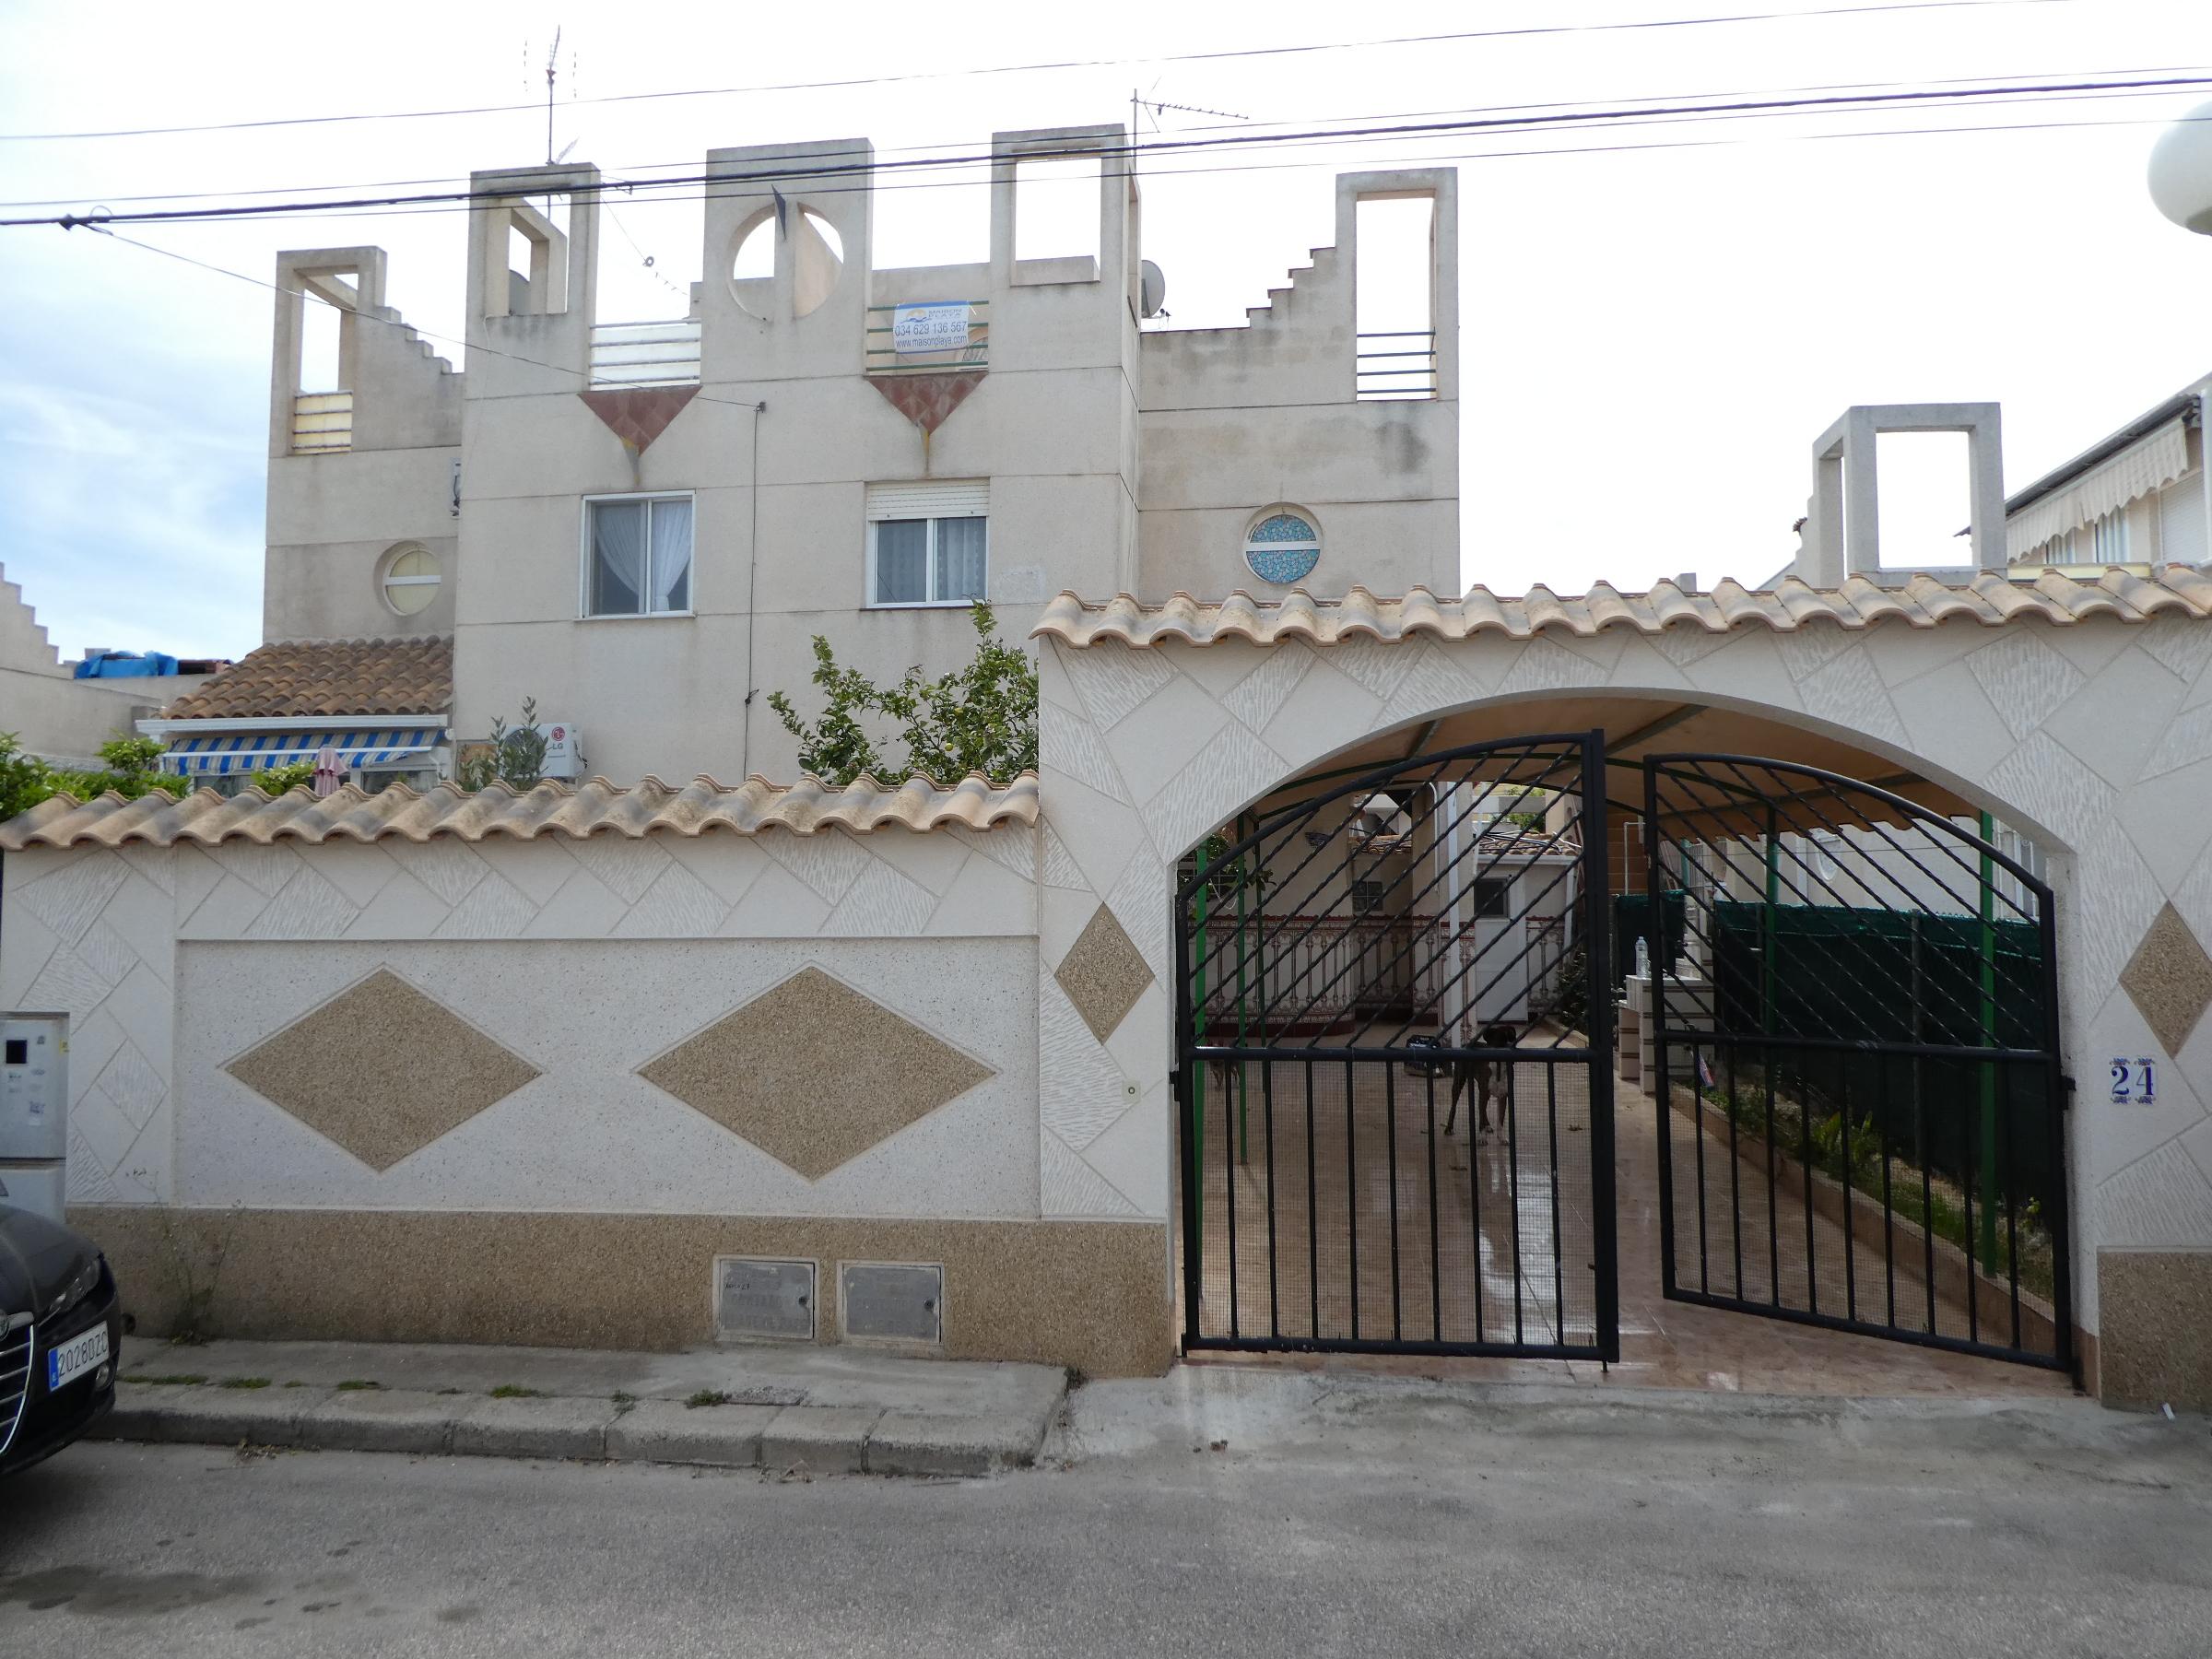 Chalet adosado 3 dormitorios en Torrevieja